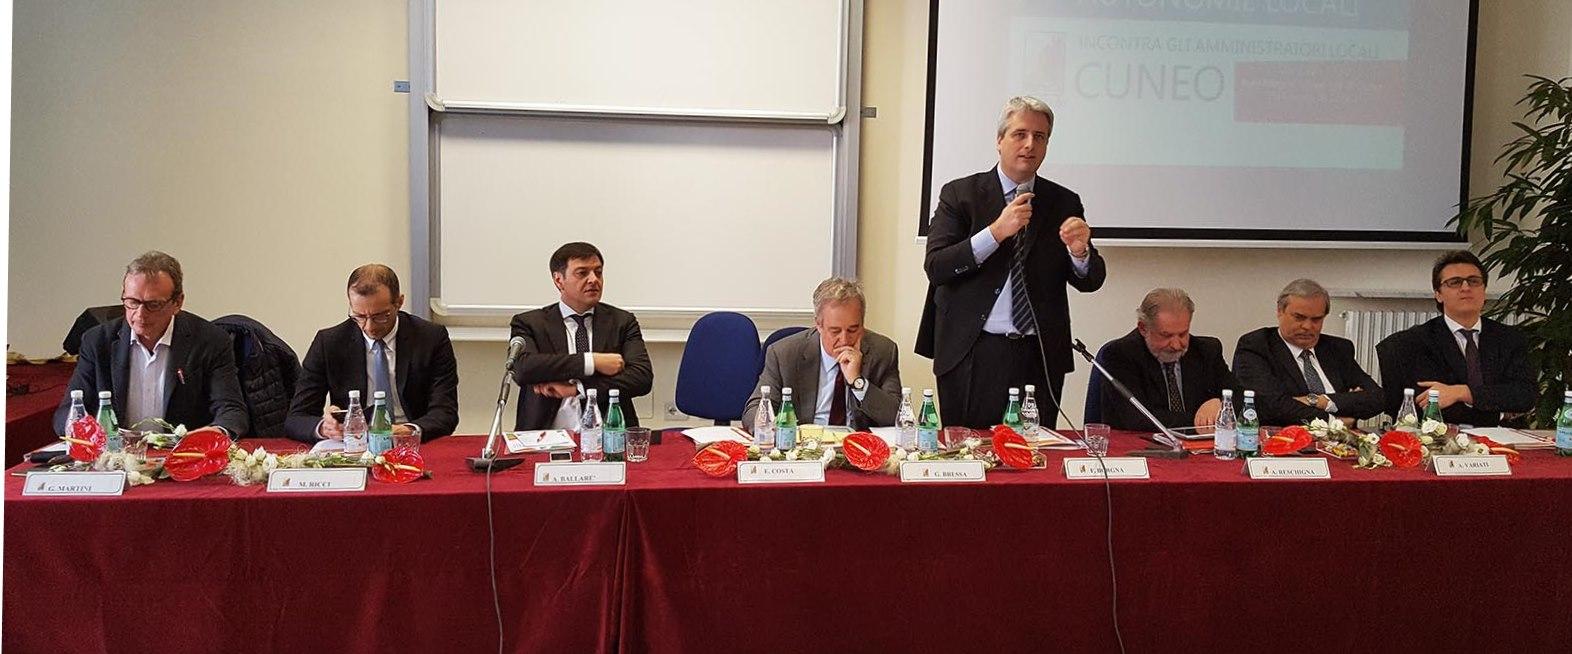 """Cuneo. Nell'incontro all'università l'immagine di un """"Piemonte laboratorio per tutta Italia"""""""